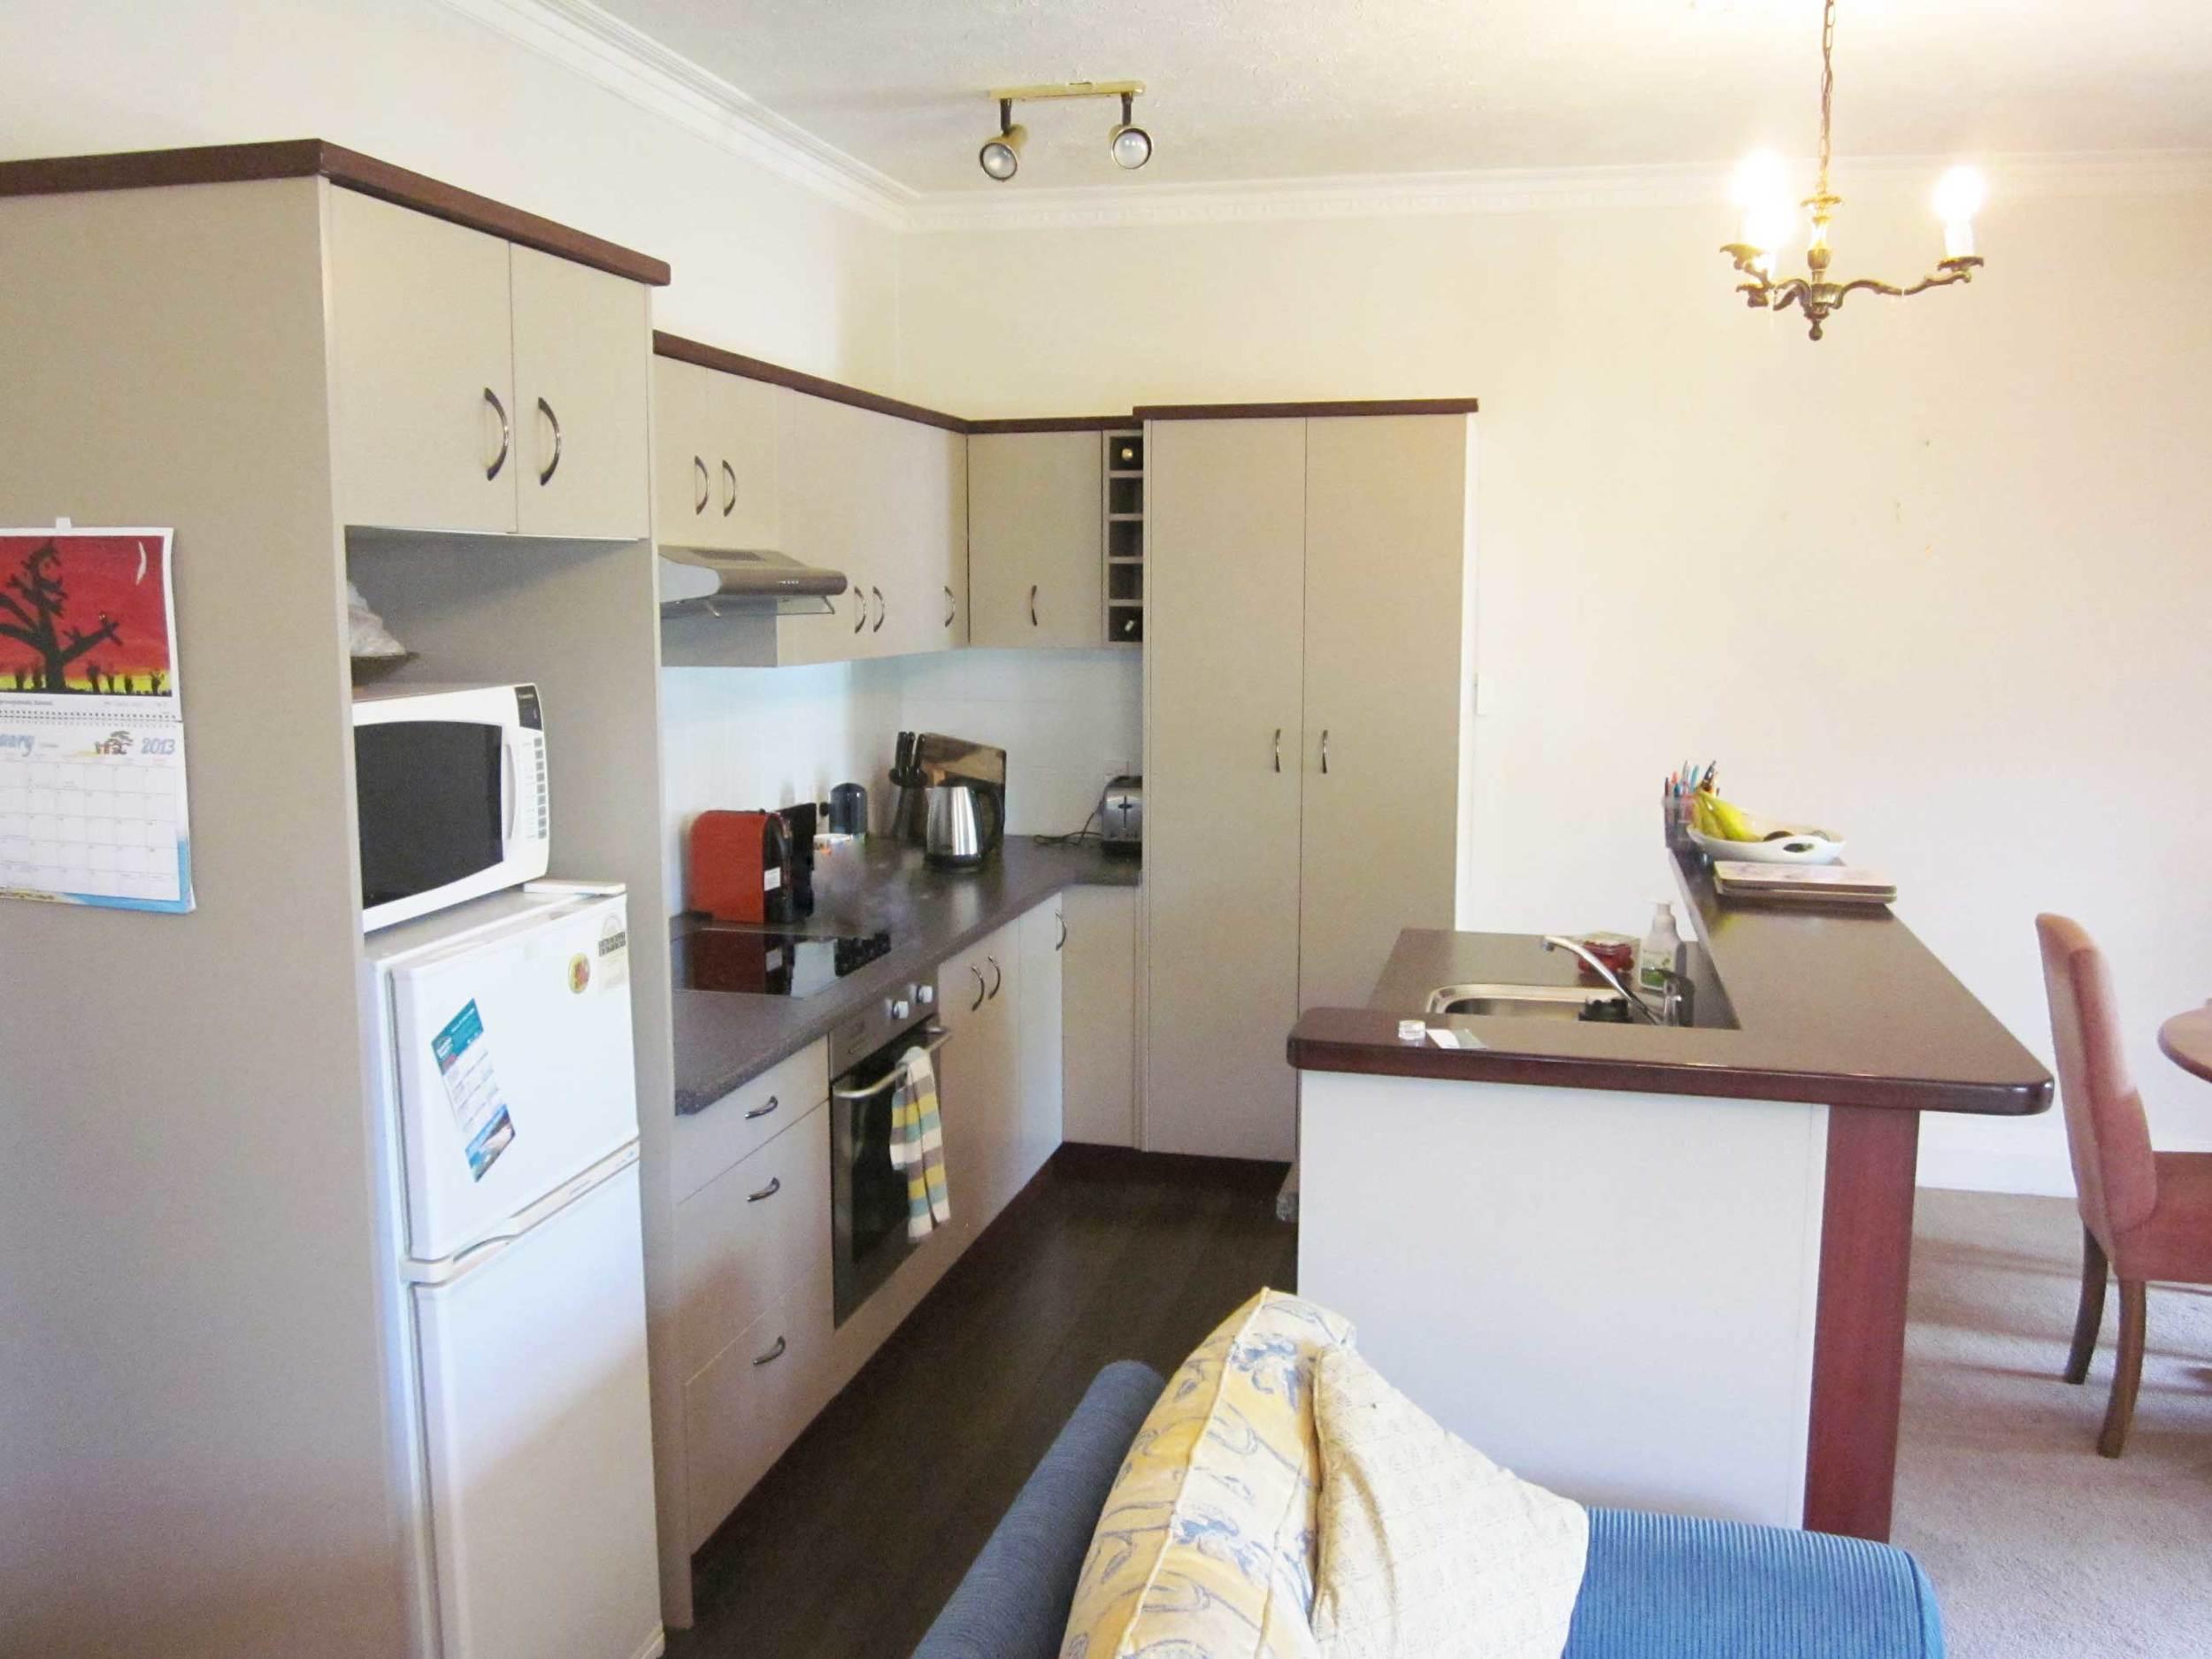 Apartment-Kitchen.jpg